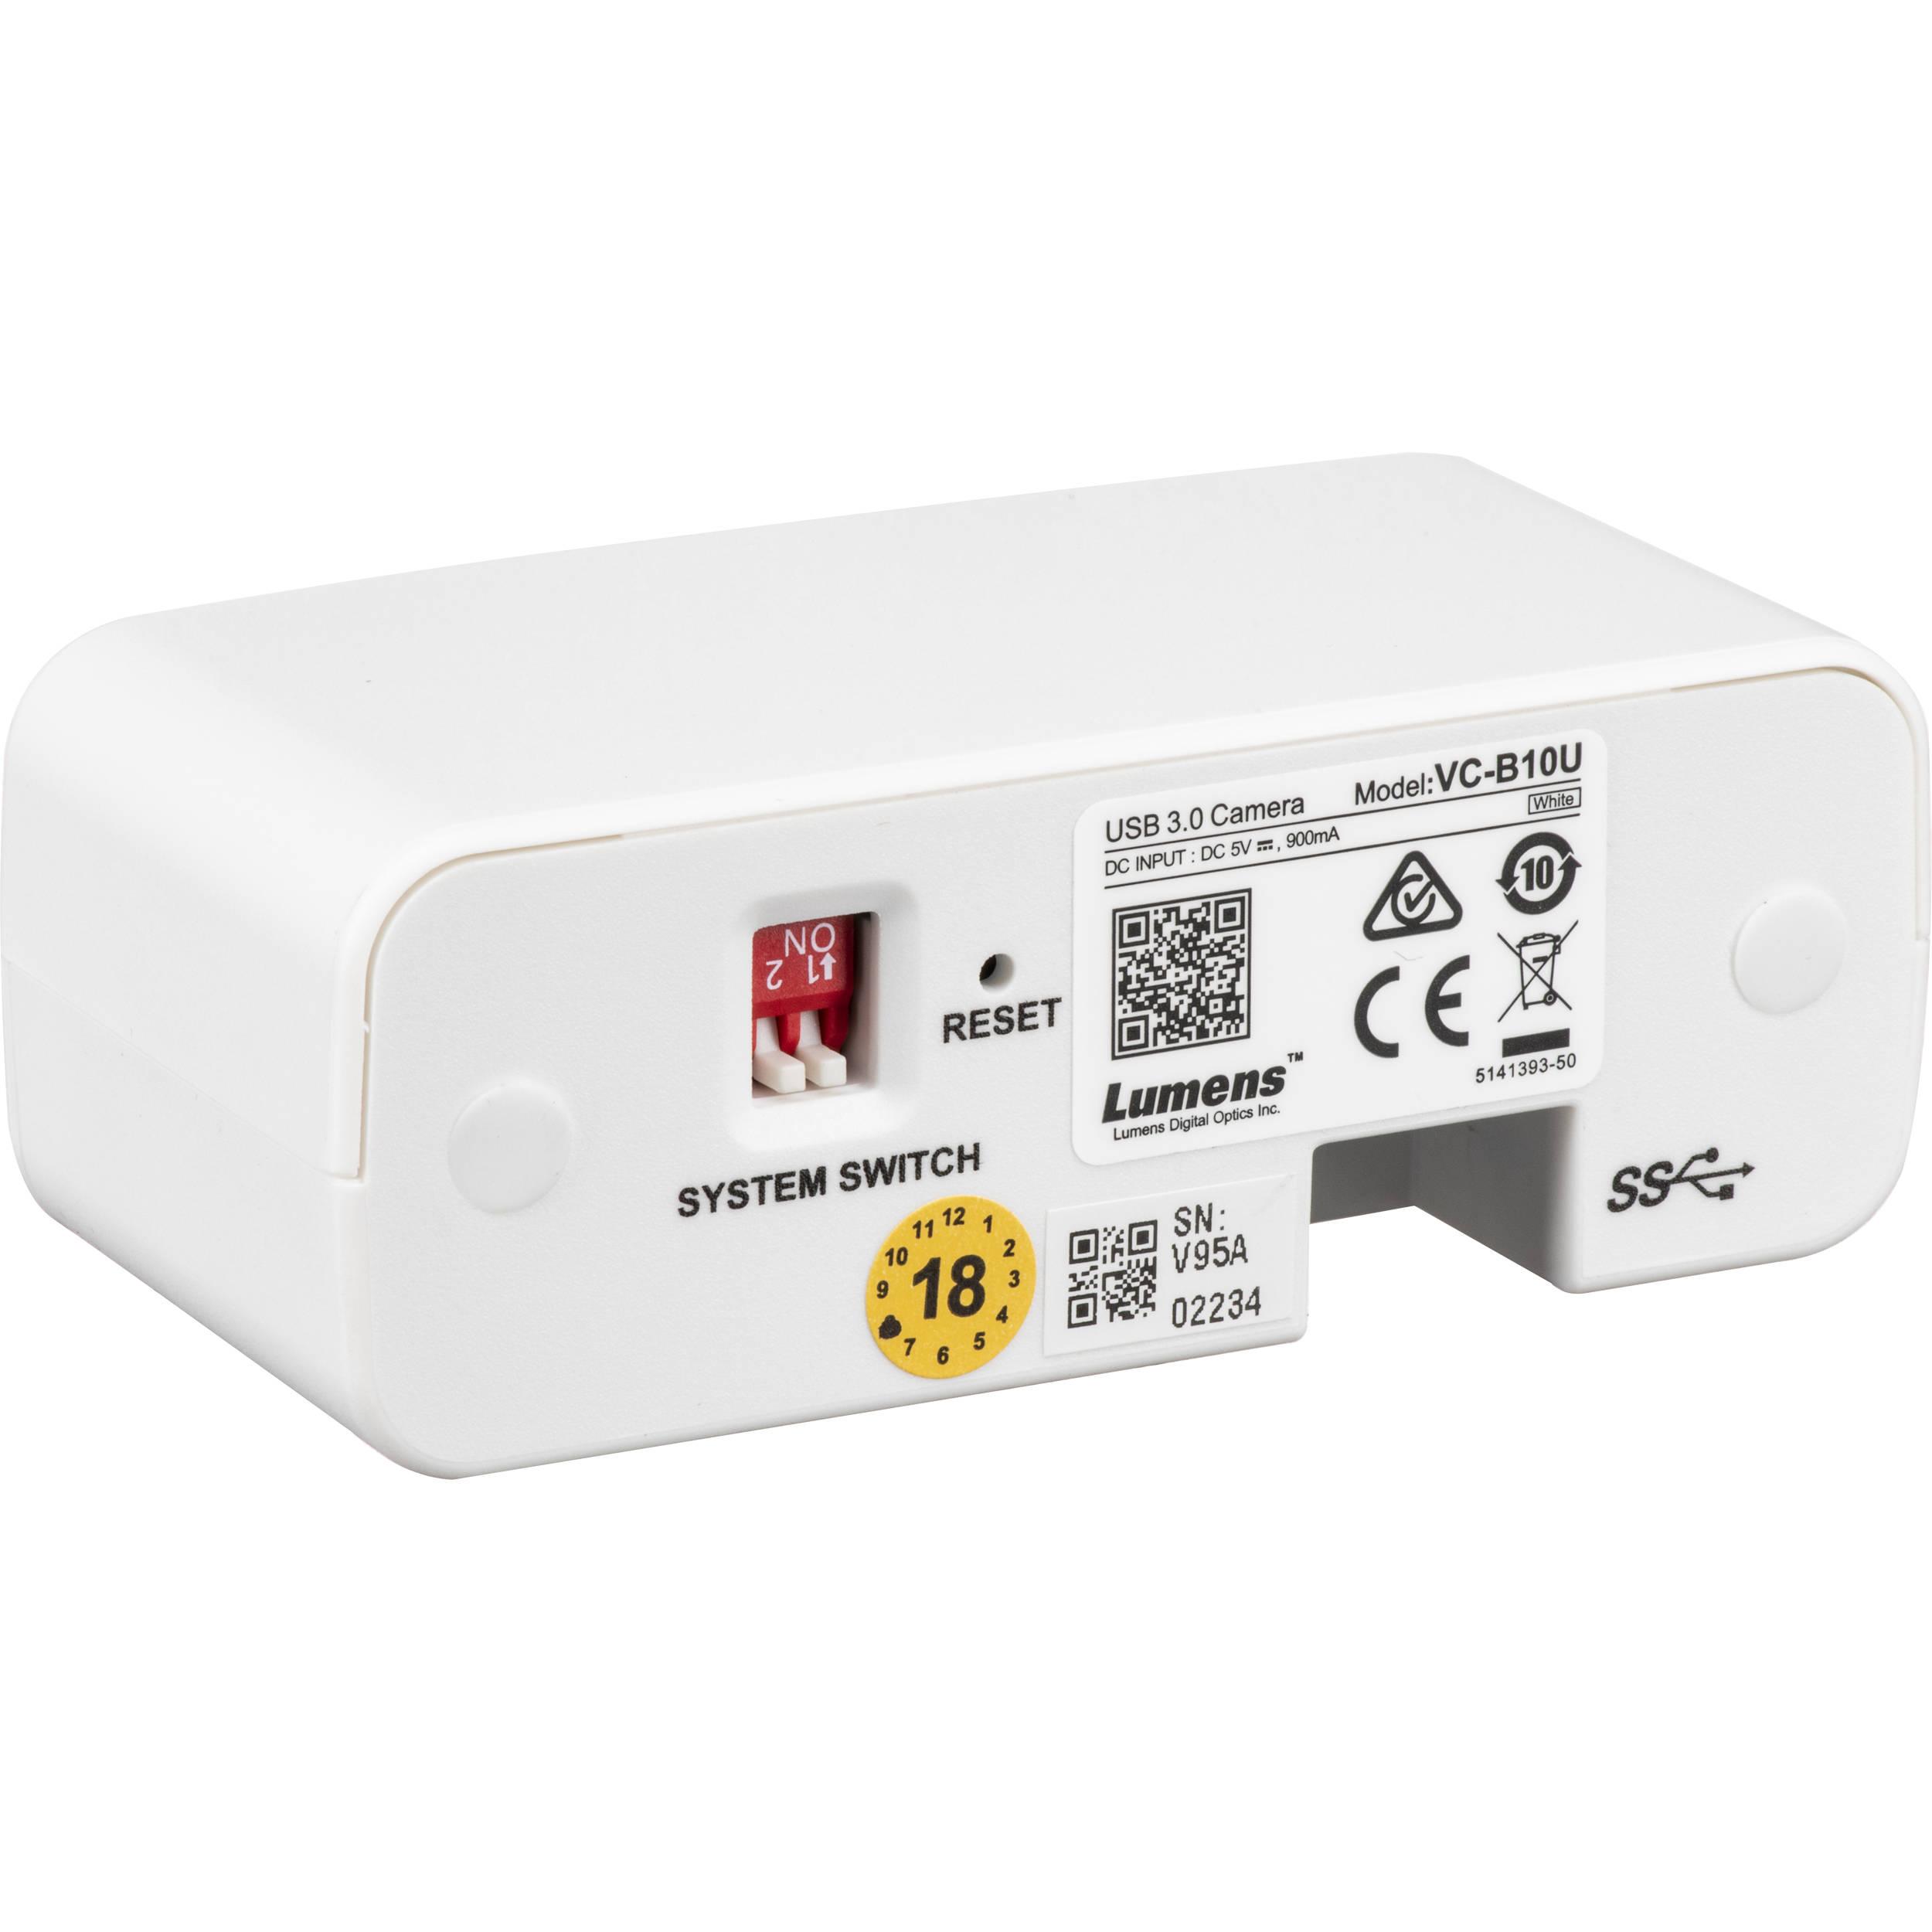 Lumens VC-B10U ePTZ Camera, USB 3 0 (White)